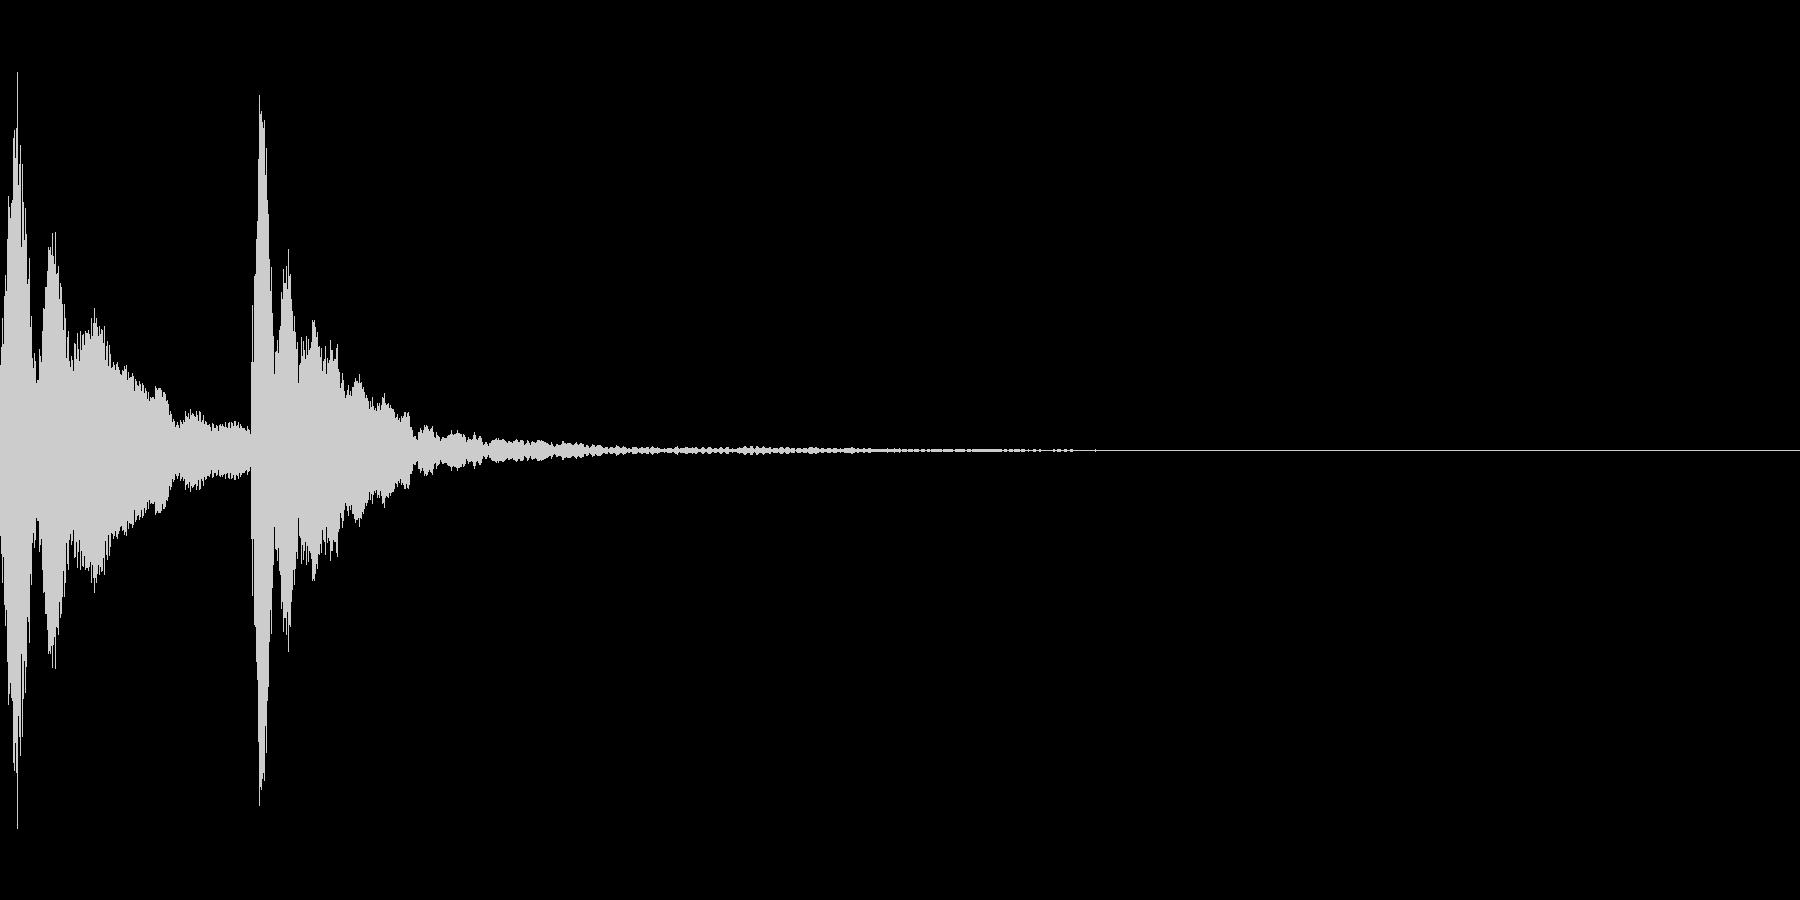 アゴゴベル。コミカルな音。「コテン」の未再生の波形